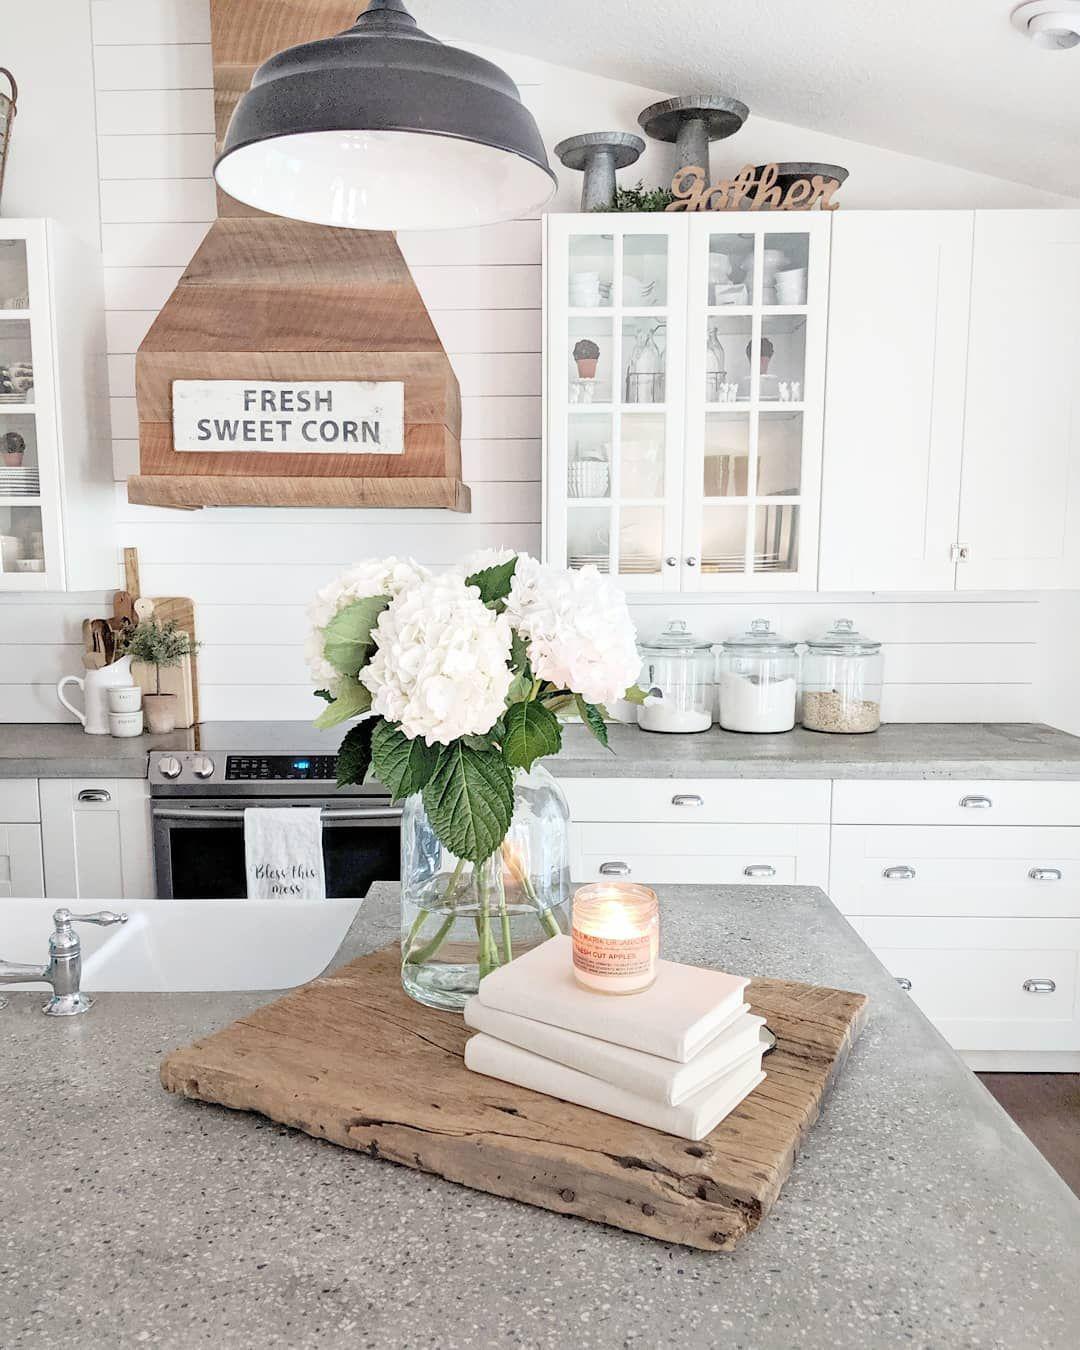 12 Stunning Farmhouse Kitchen Decor Ideas